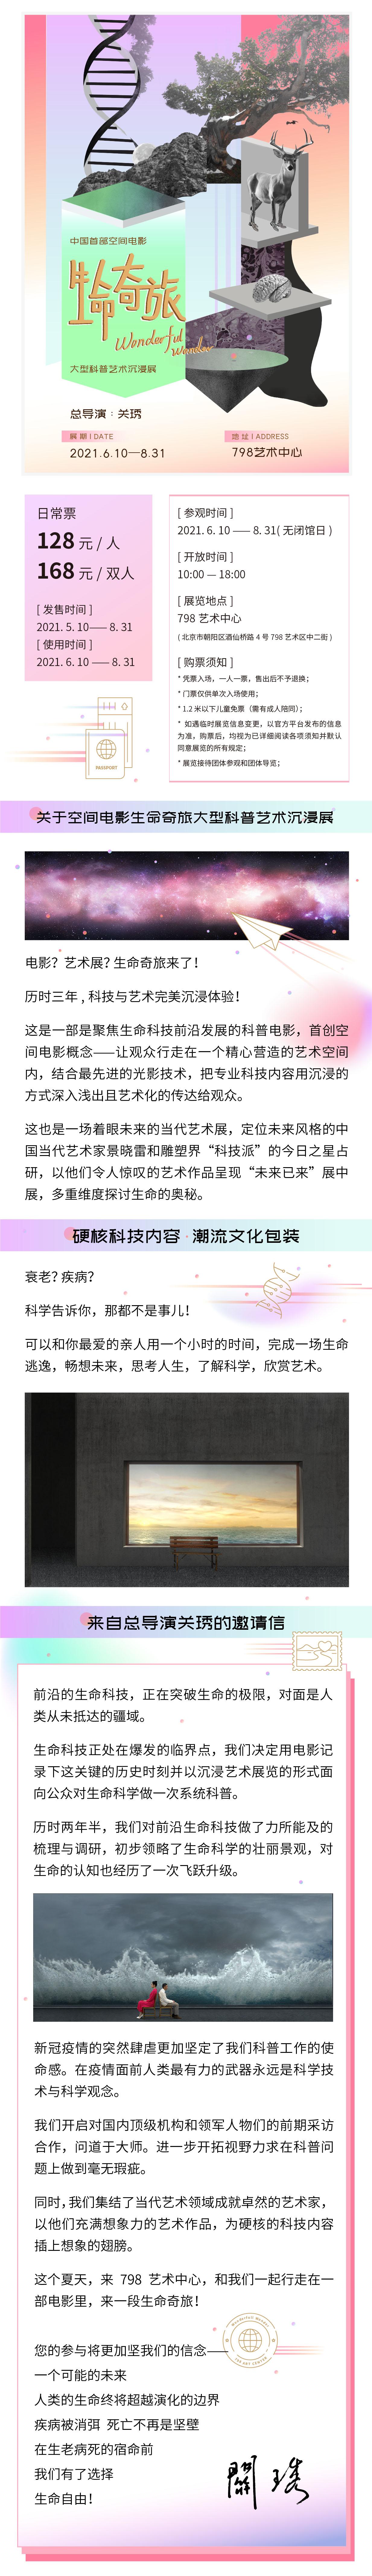 空间电影·生命奇旅-大型科普艺术沉浸展北京站